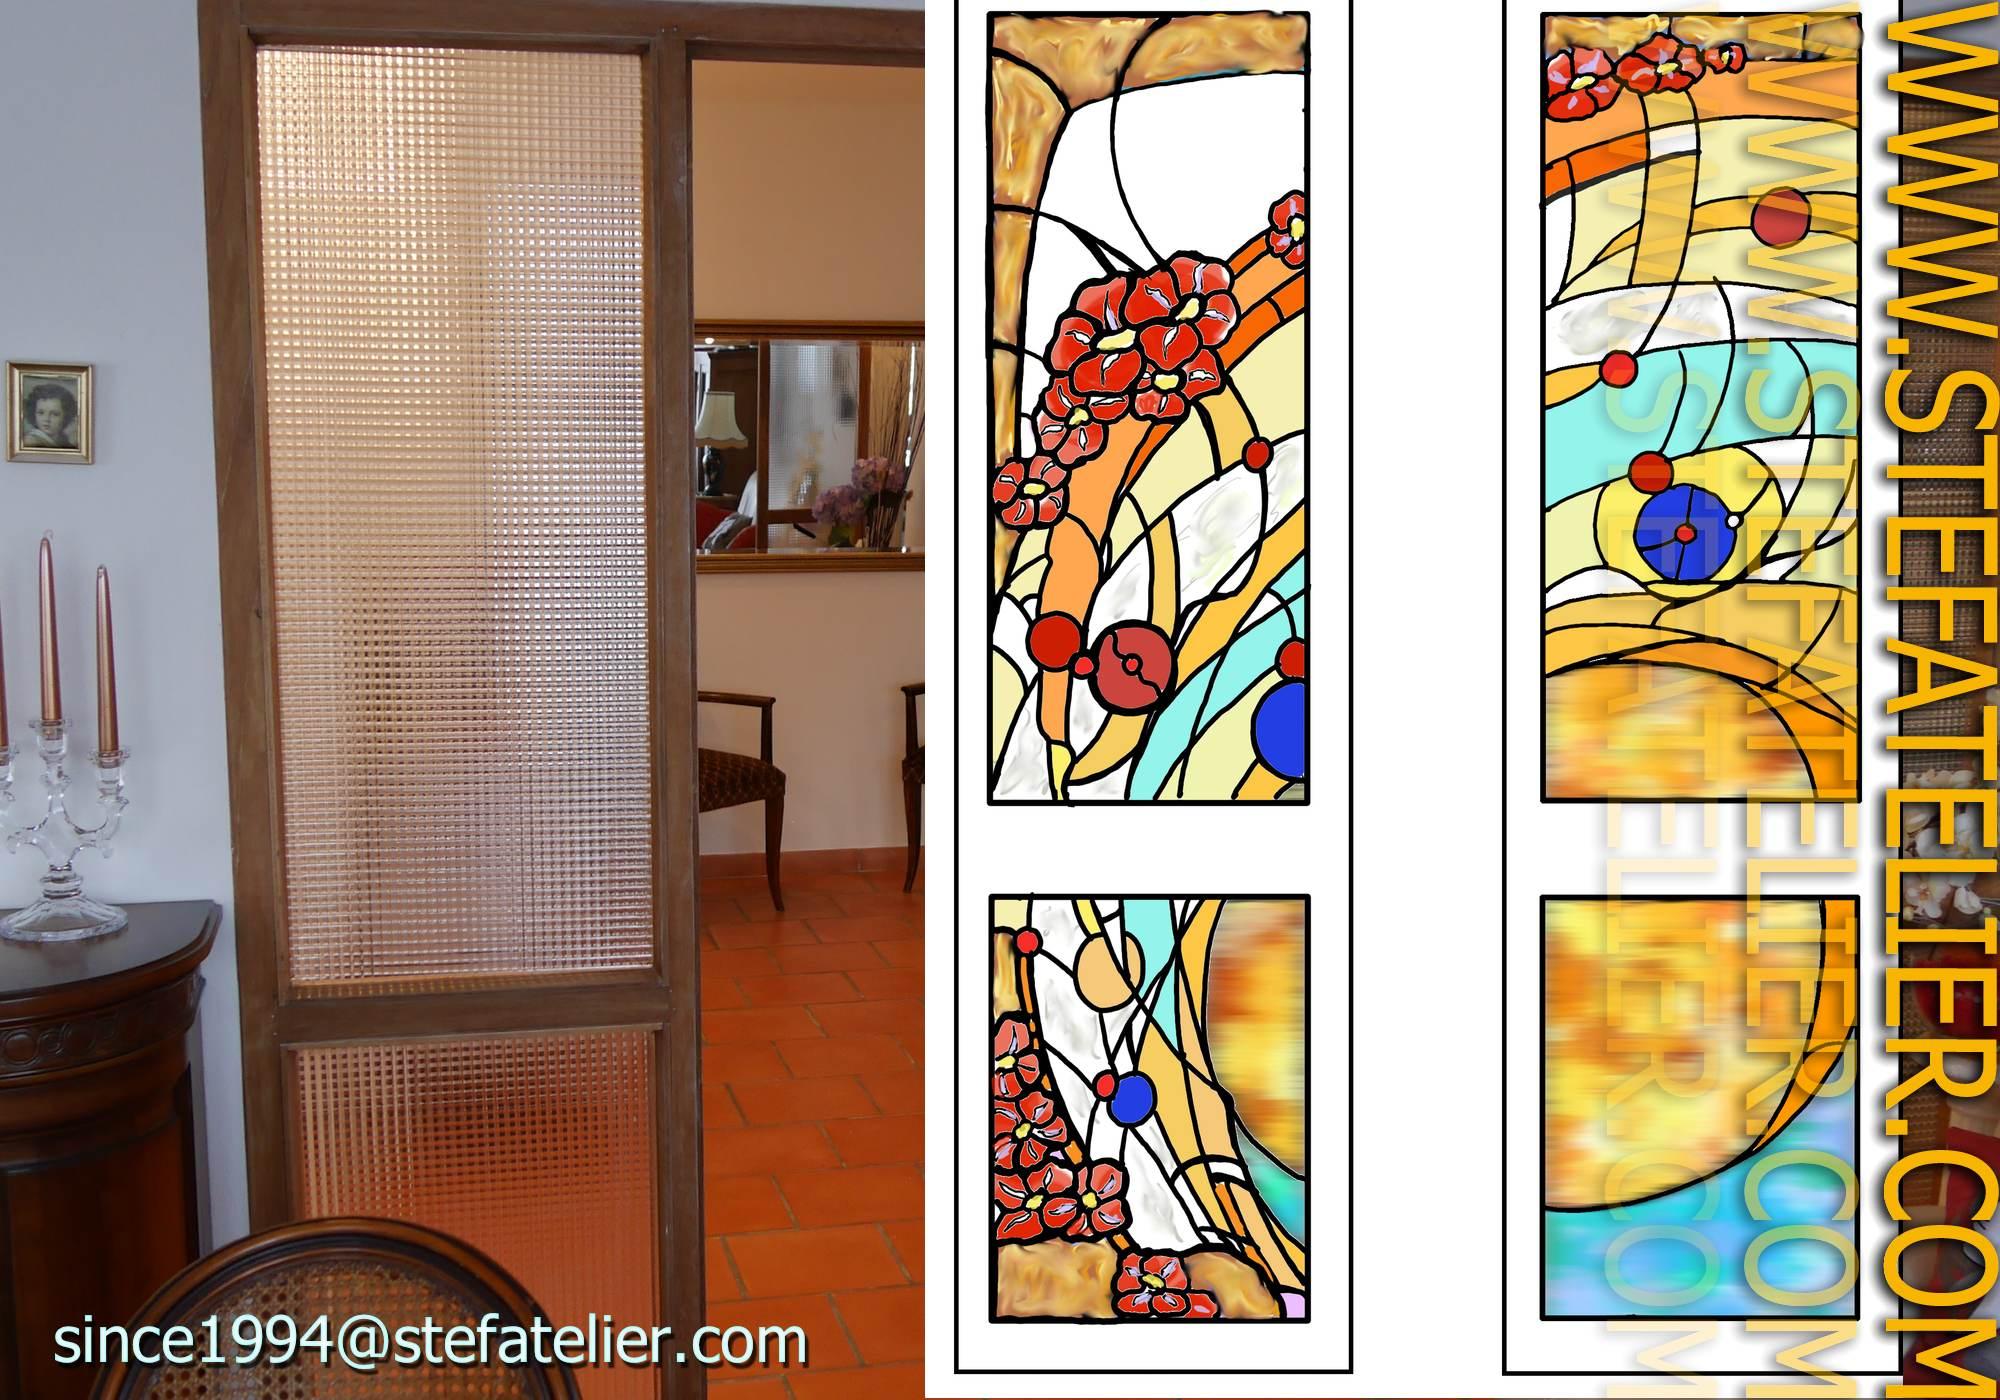 cr ation vitrail contemporain fleurs rouges stef atelier vitraux d art. Black Bedroom Furniture Sets. Home Design Ideas